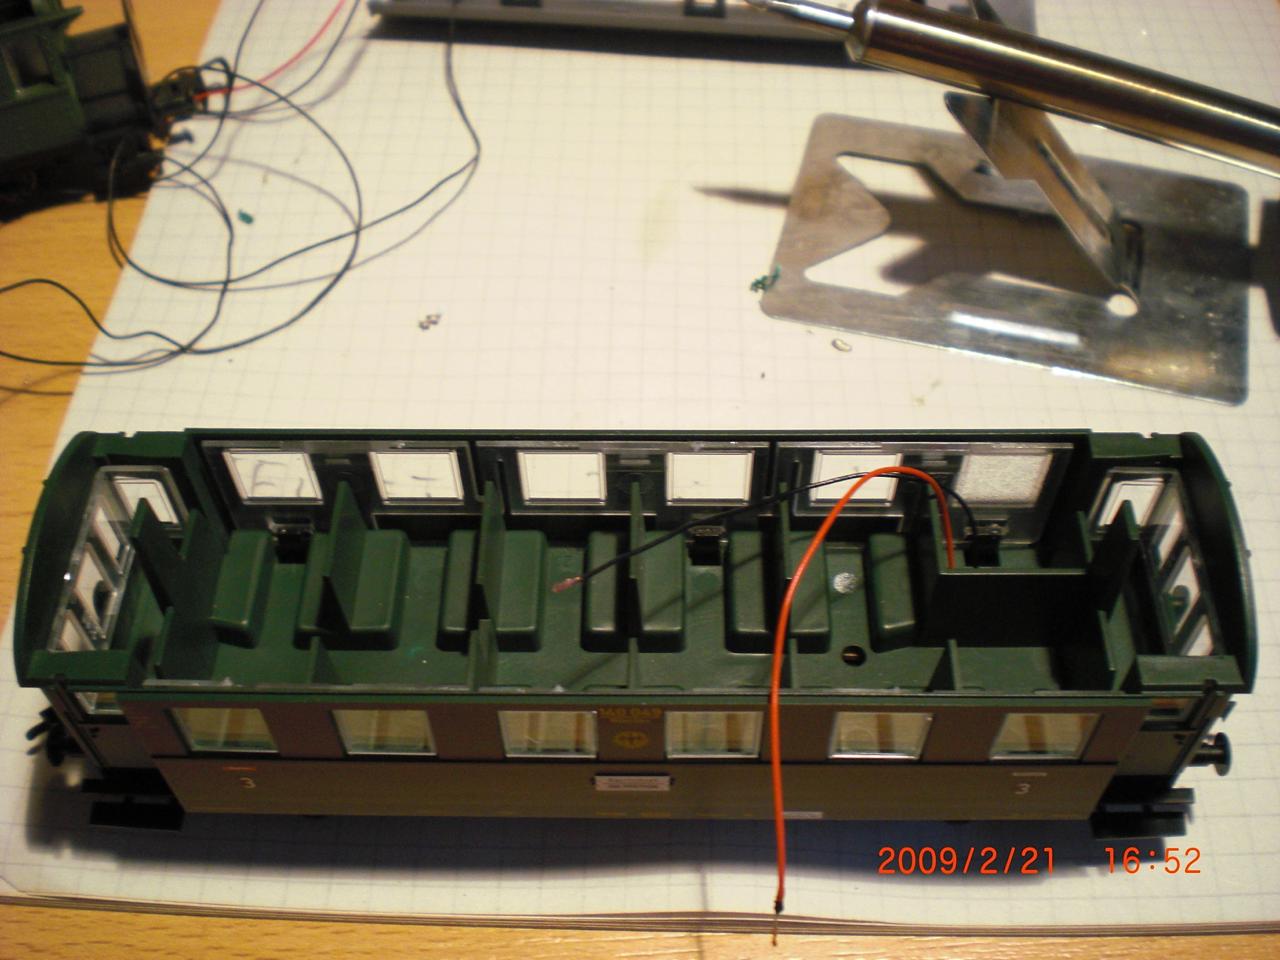 frleischmannnwagen beleuchtung einbauen